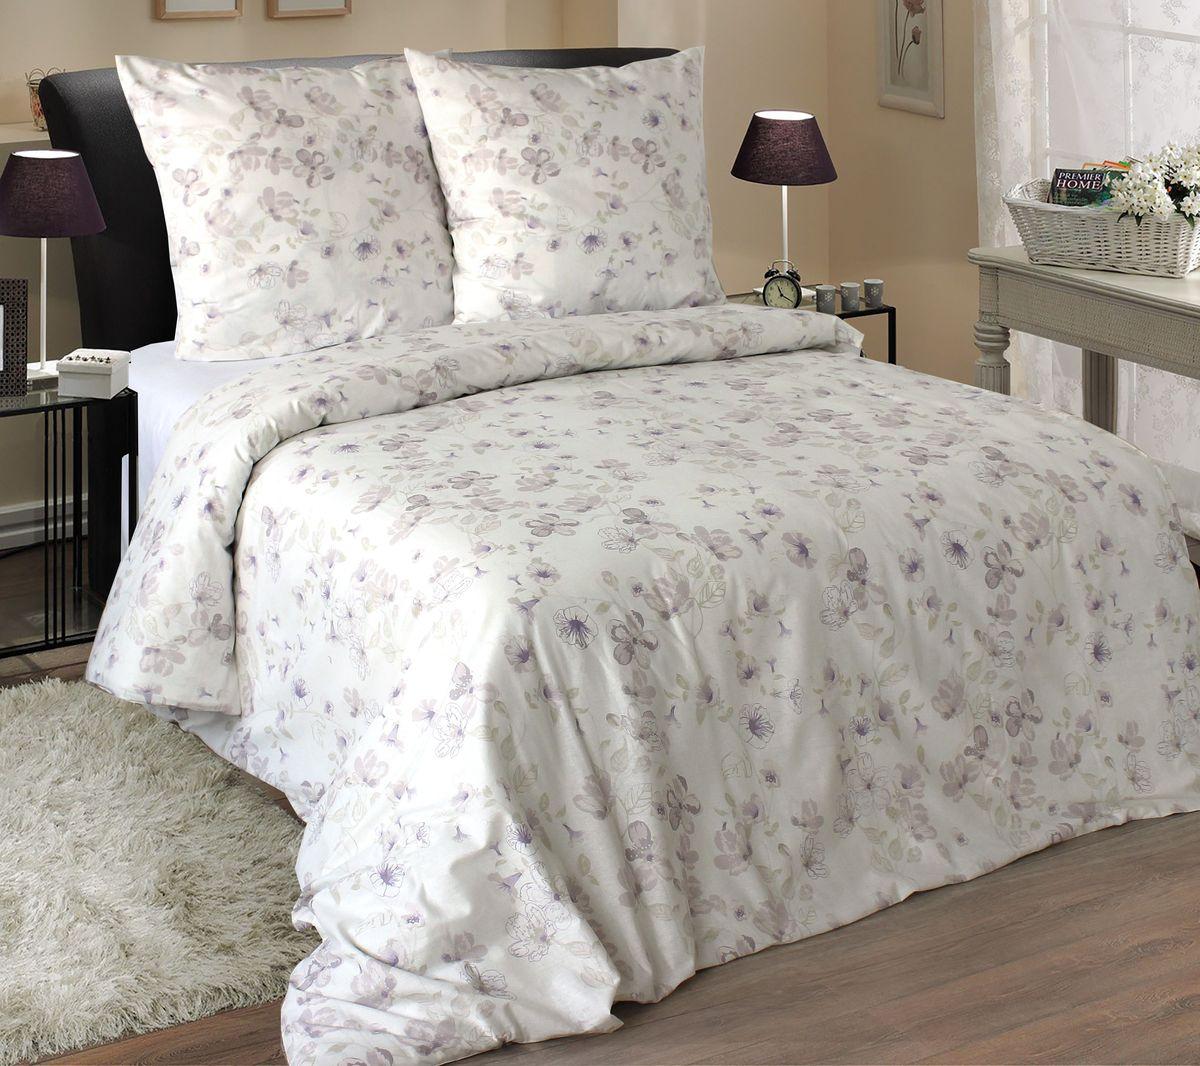 Комплект белья Коллекция Эмили 2, 2-спальный, наволочки 50x70. БК2/50/ОЗ/эми2БК2/50/ОЗ/эми2